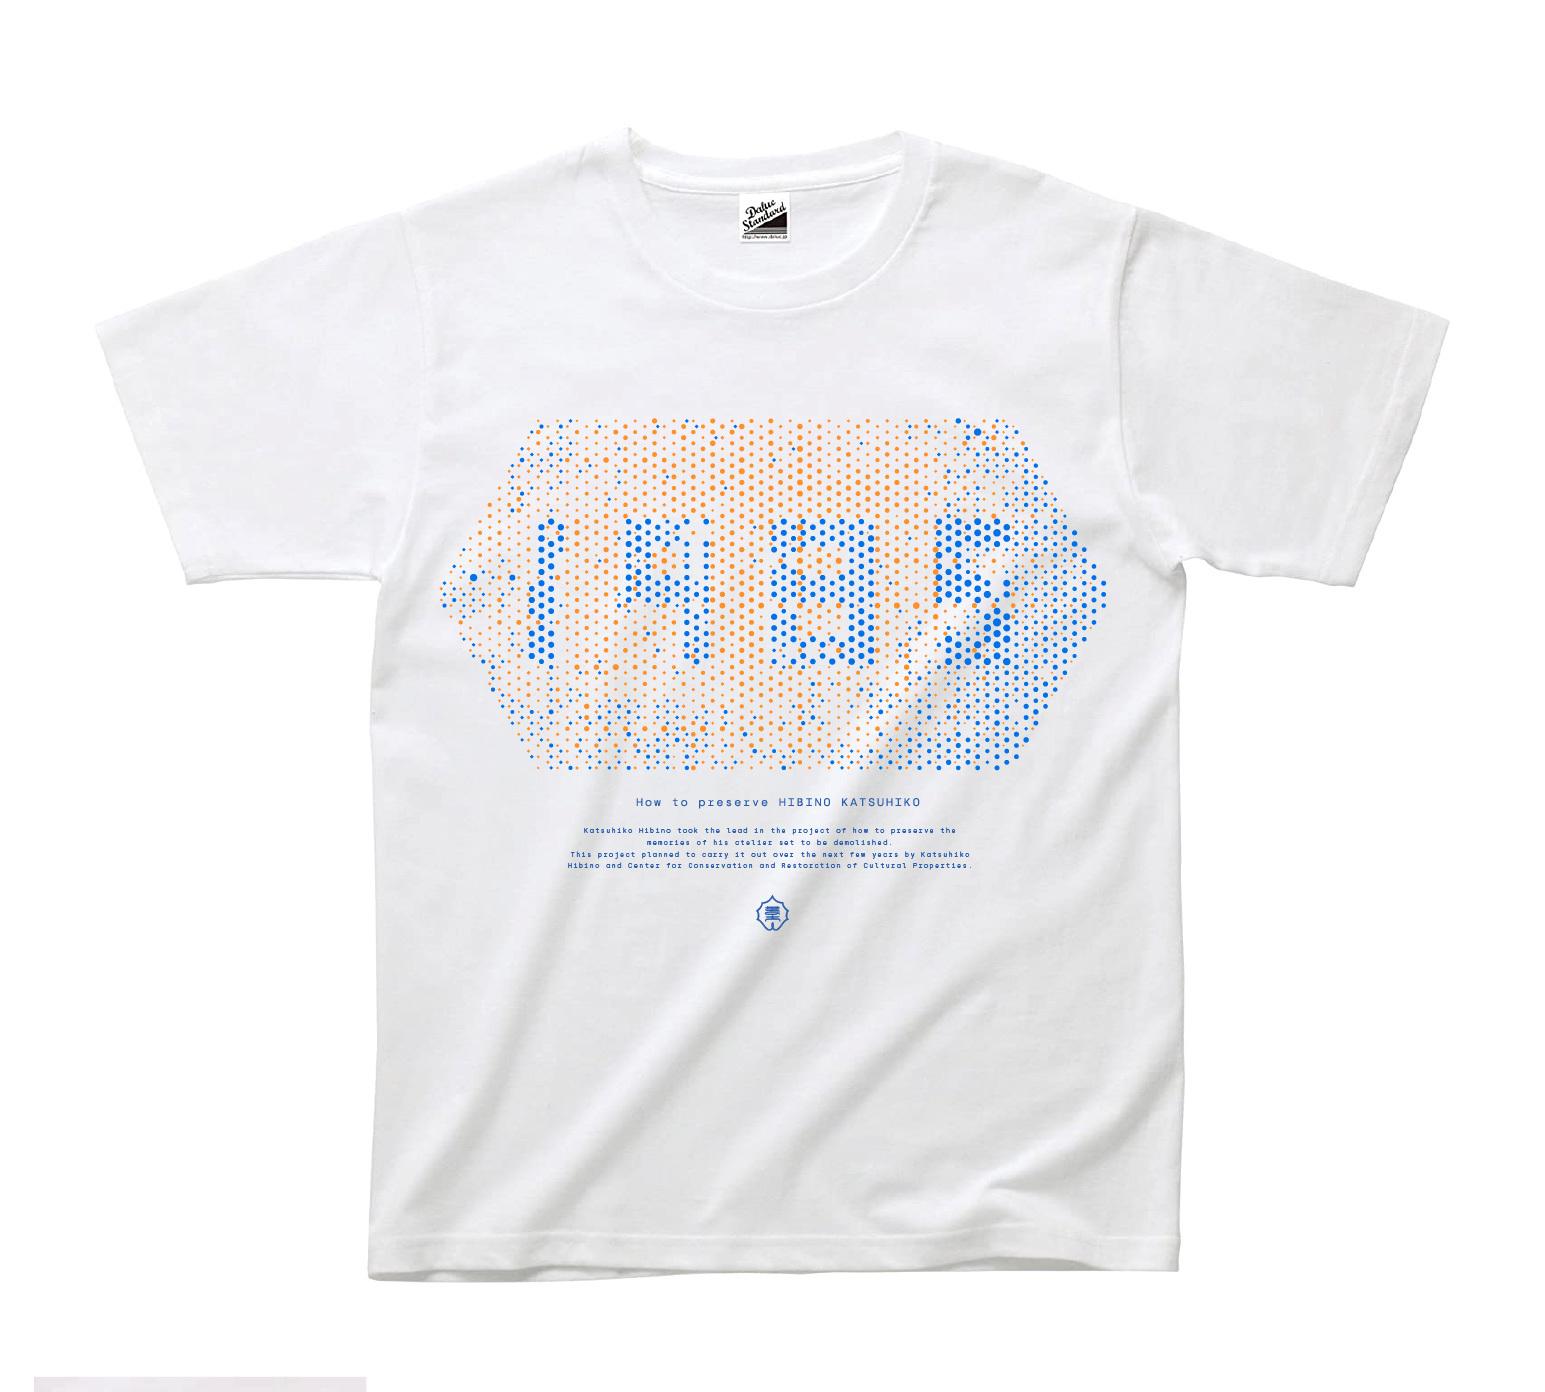 2020-11-13T-shirts 12.jpg